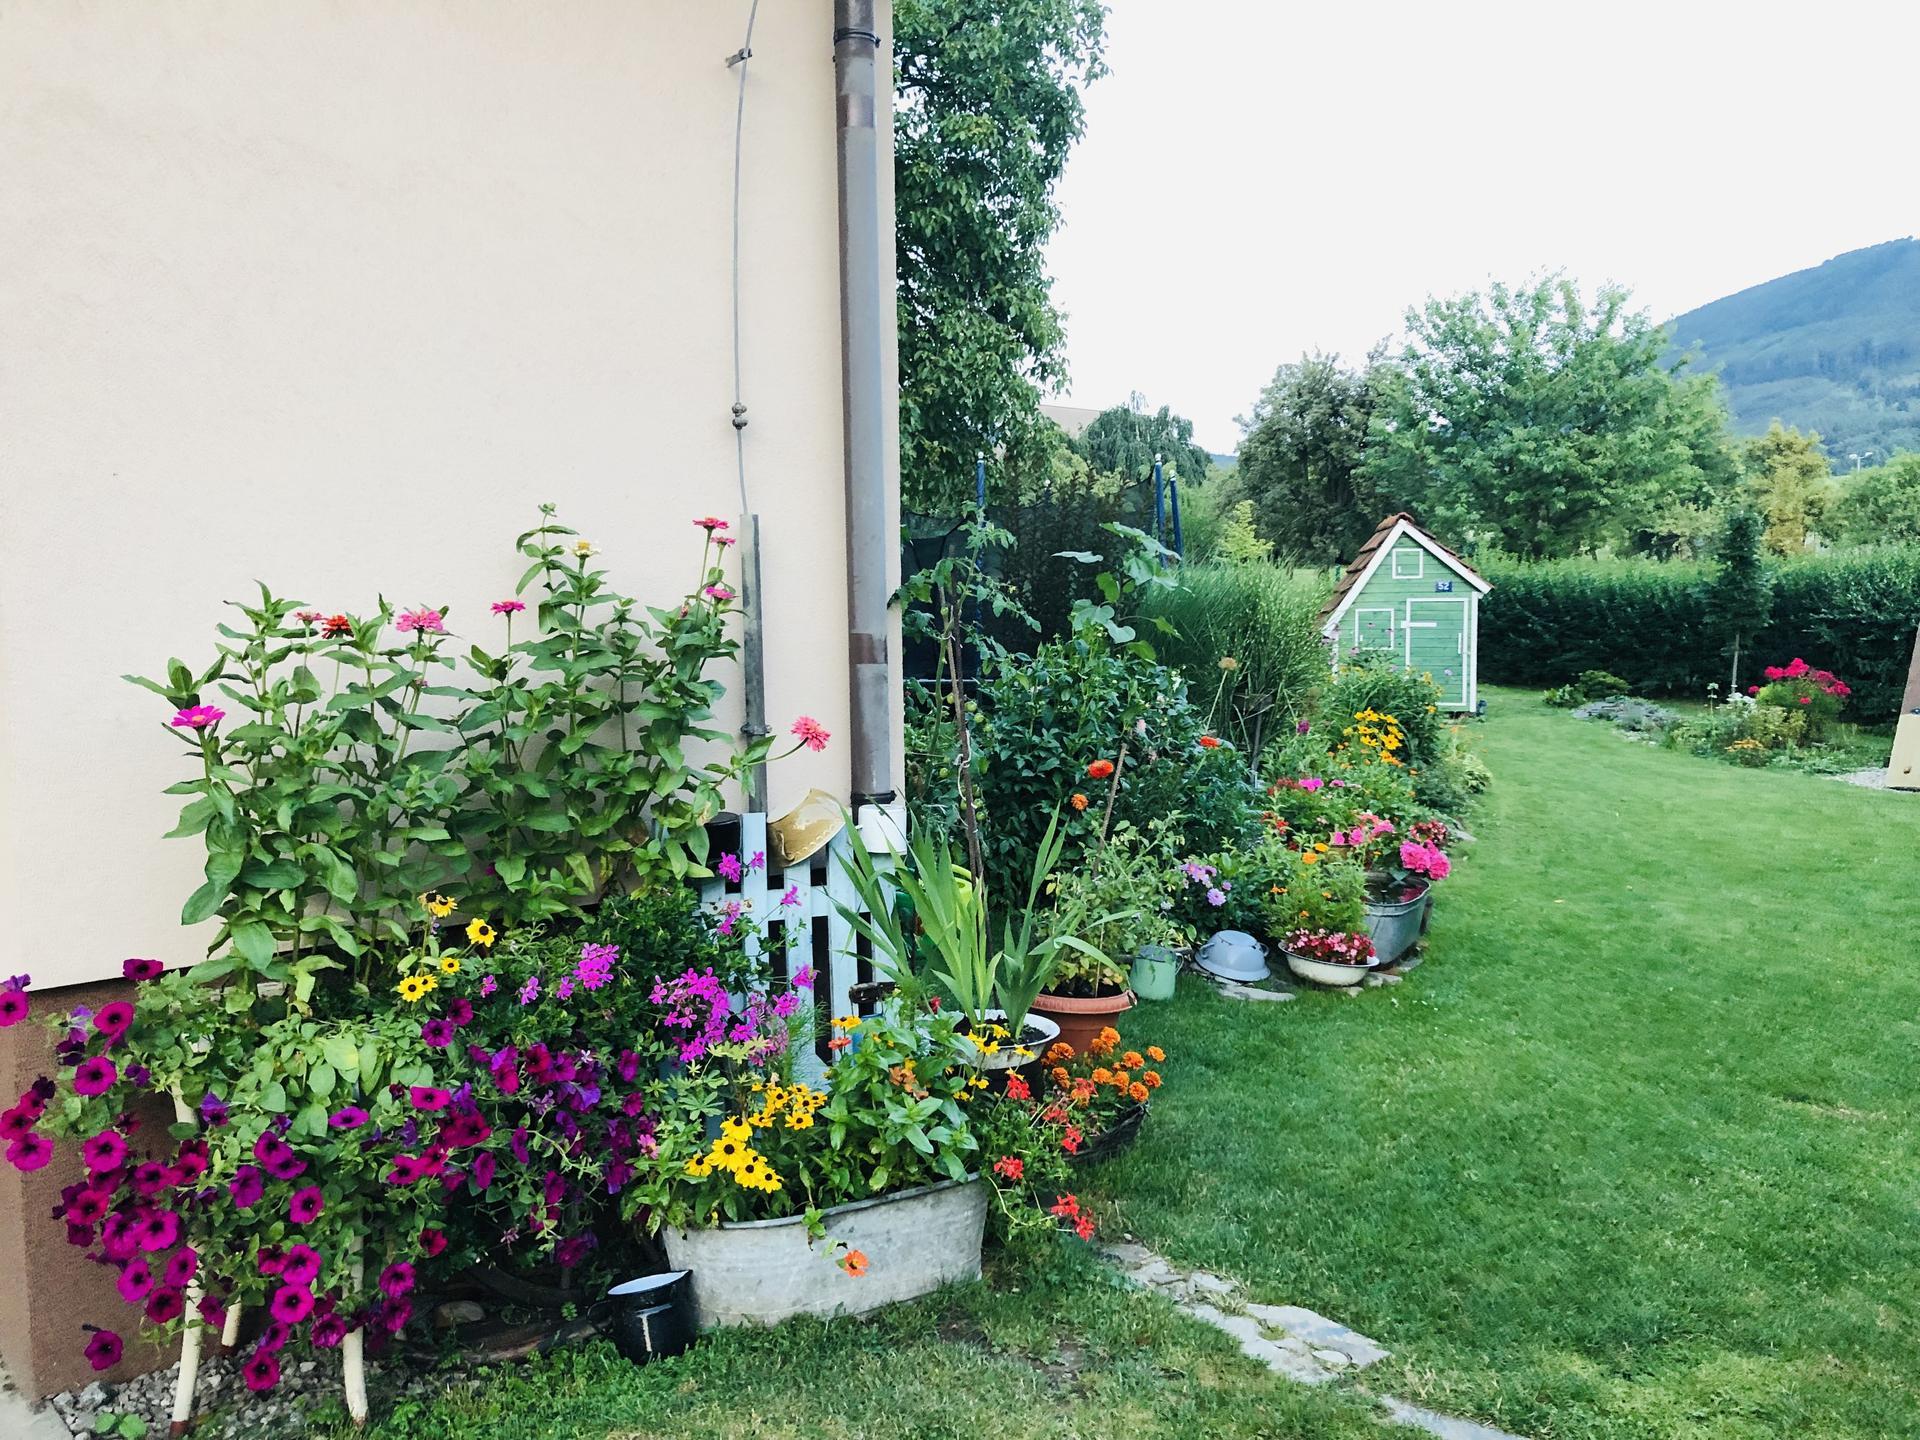 U nás doma a na zahradě 2021 - Obrázek č. 55